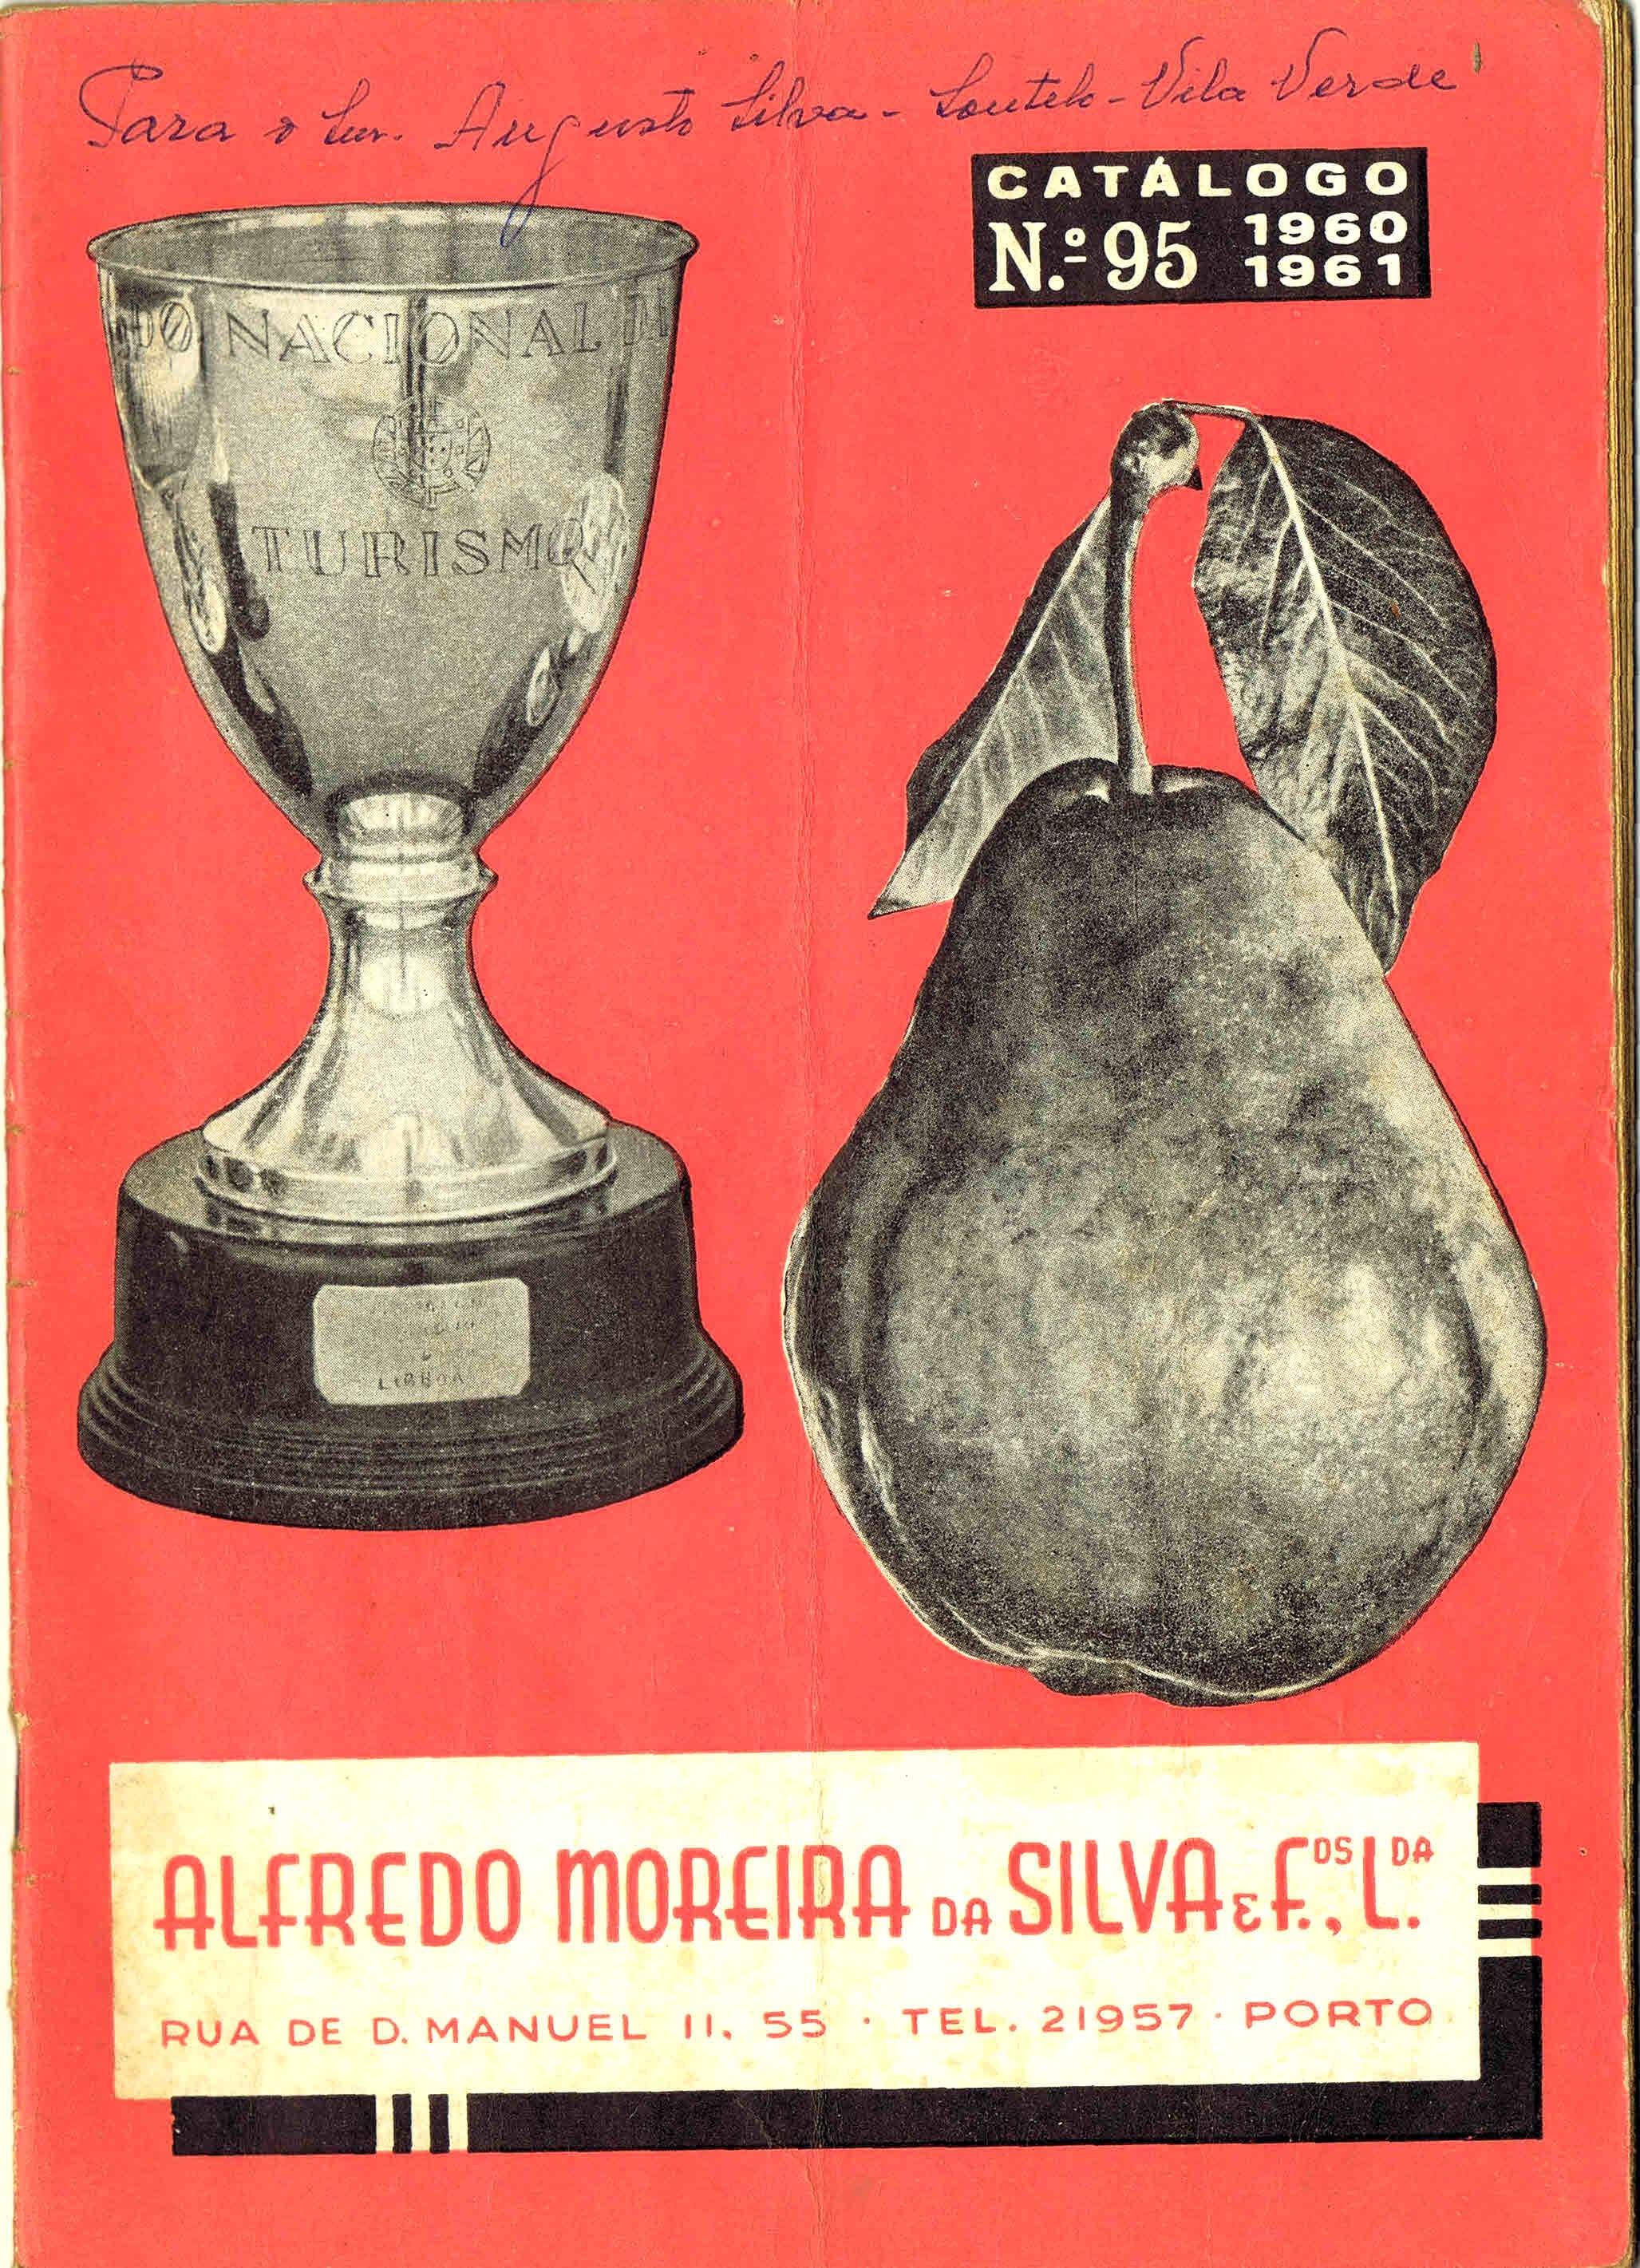 CATALOGO HORTICOLA MOREIRA DA SILVA & Fos Lda nº 95 1960-1961